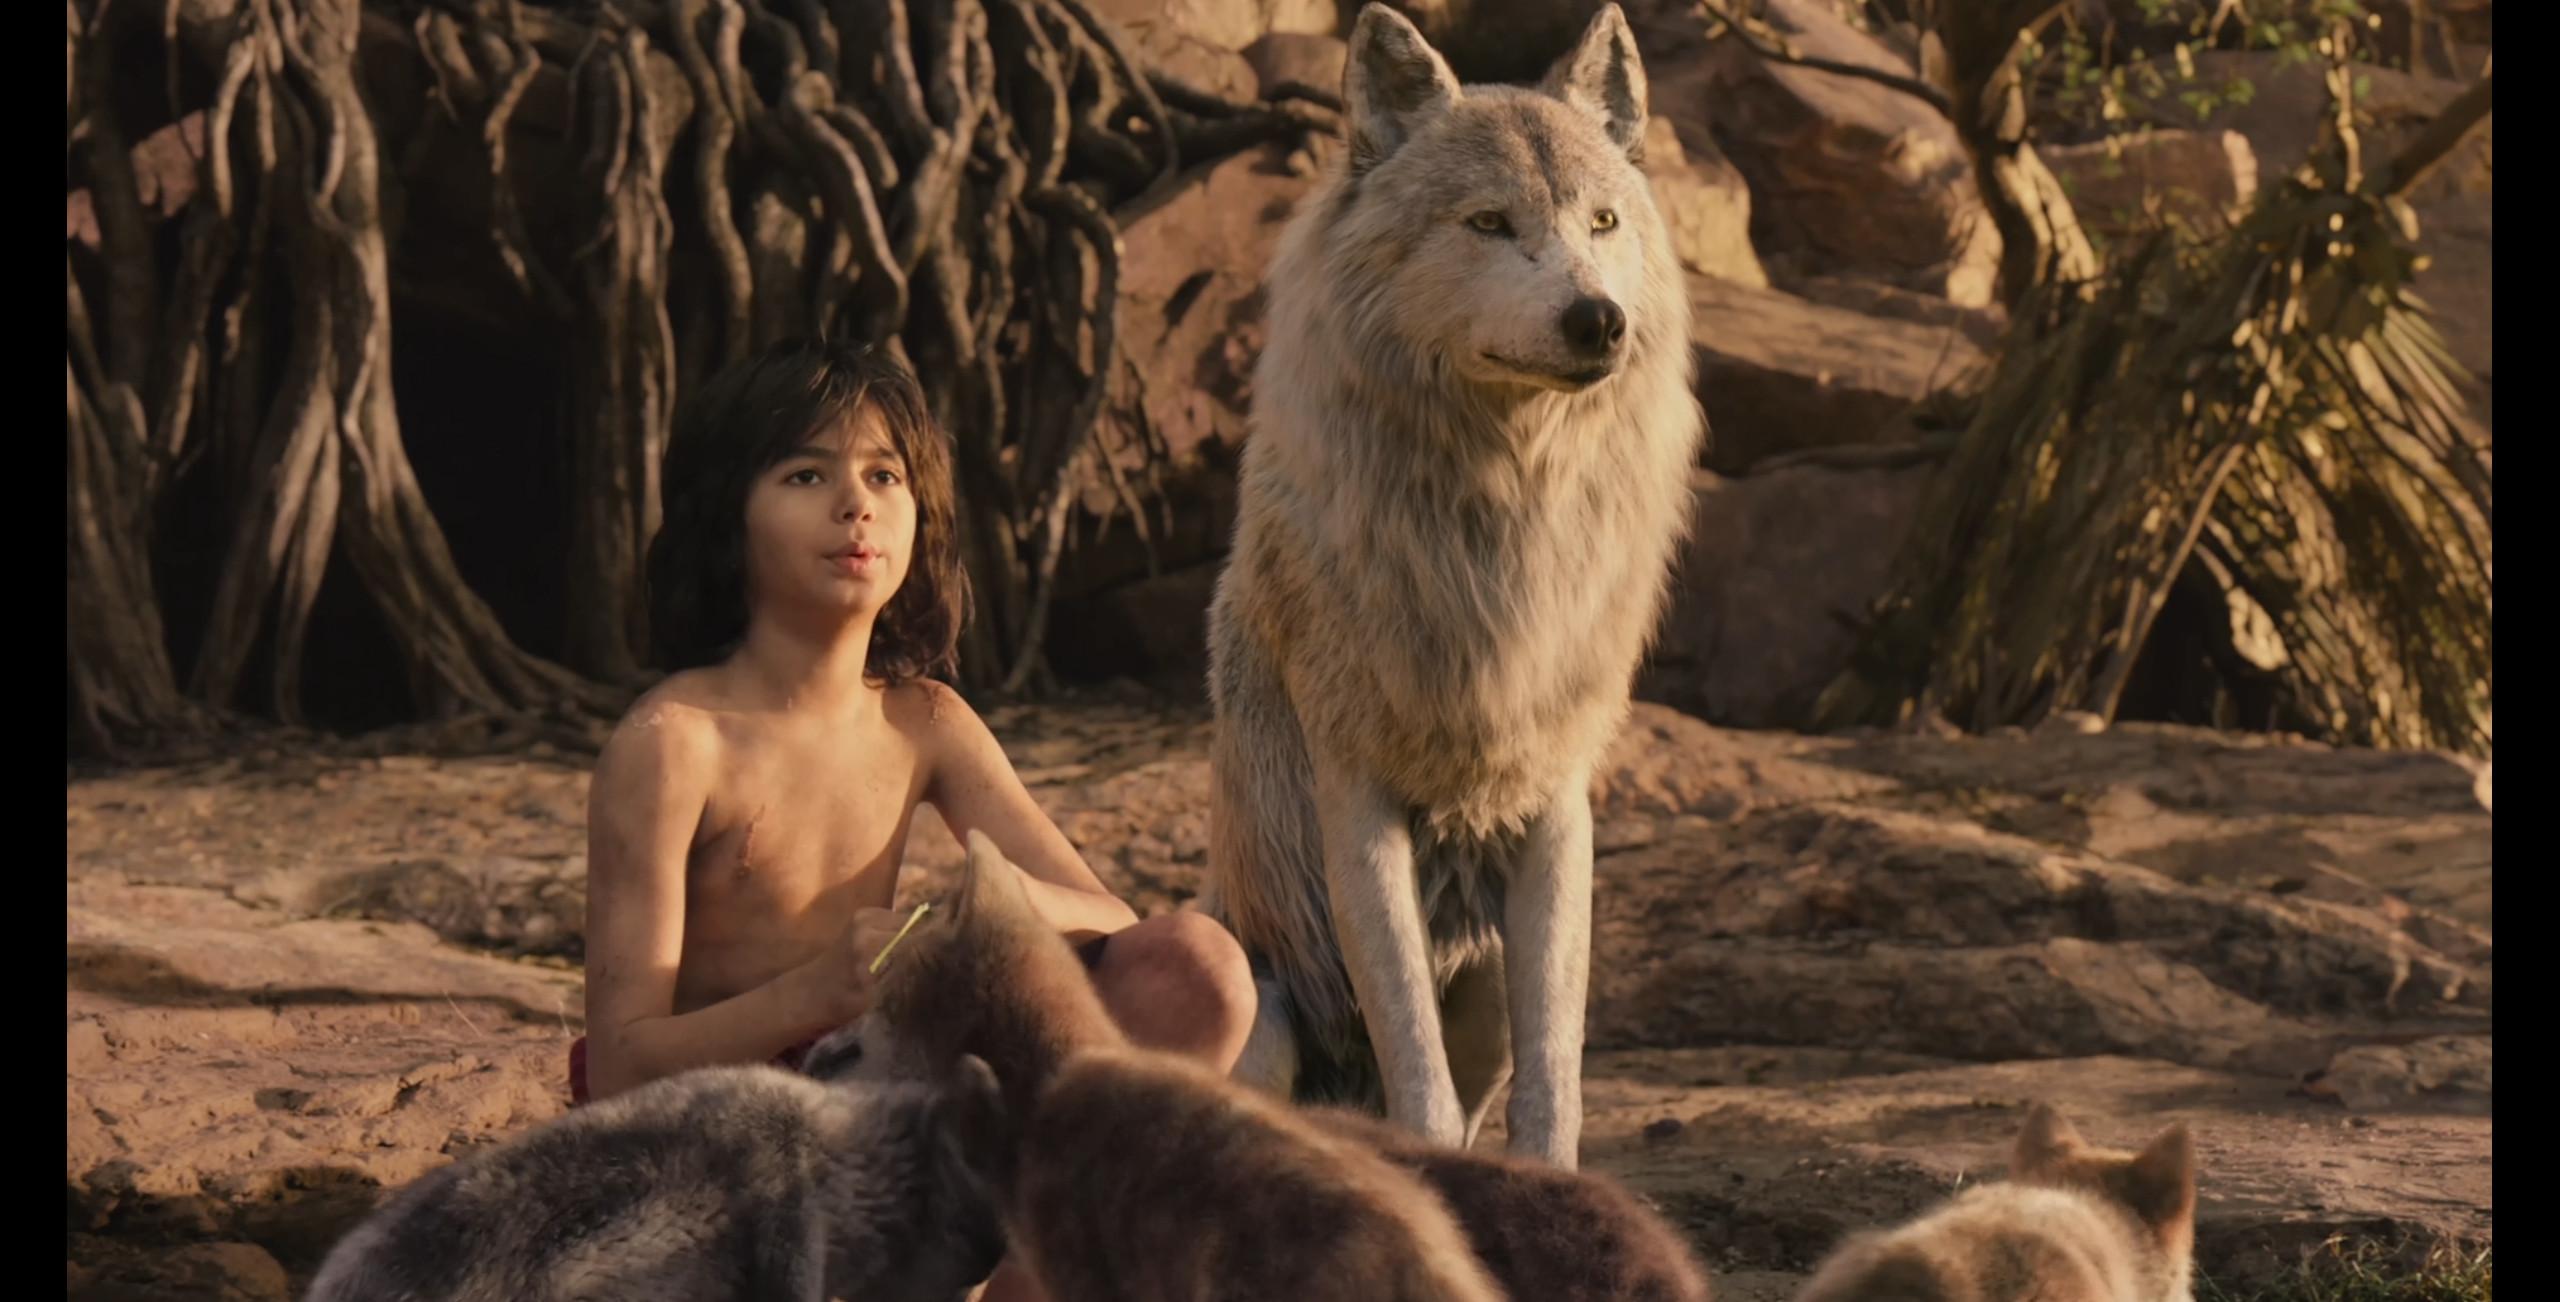 Raksha's fur